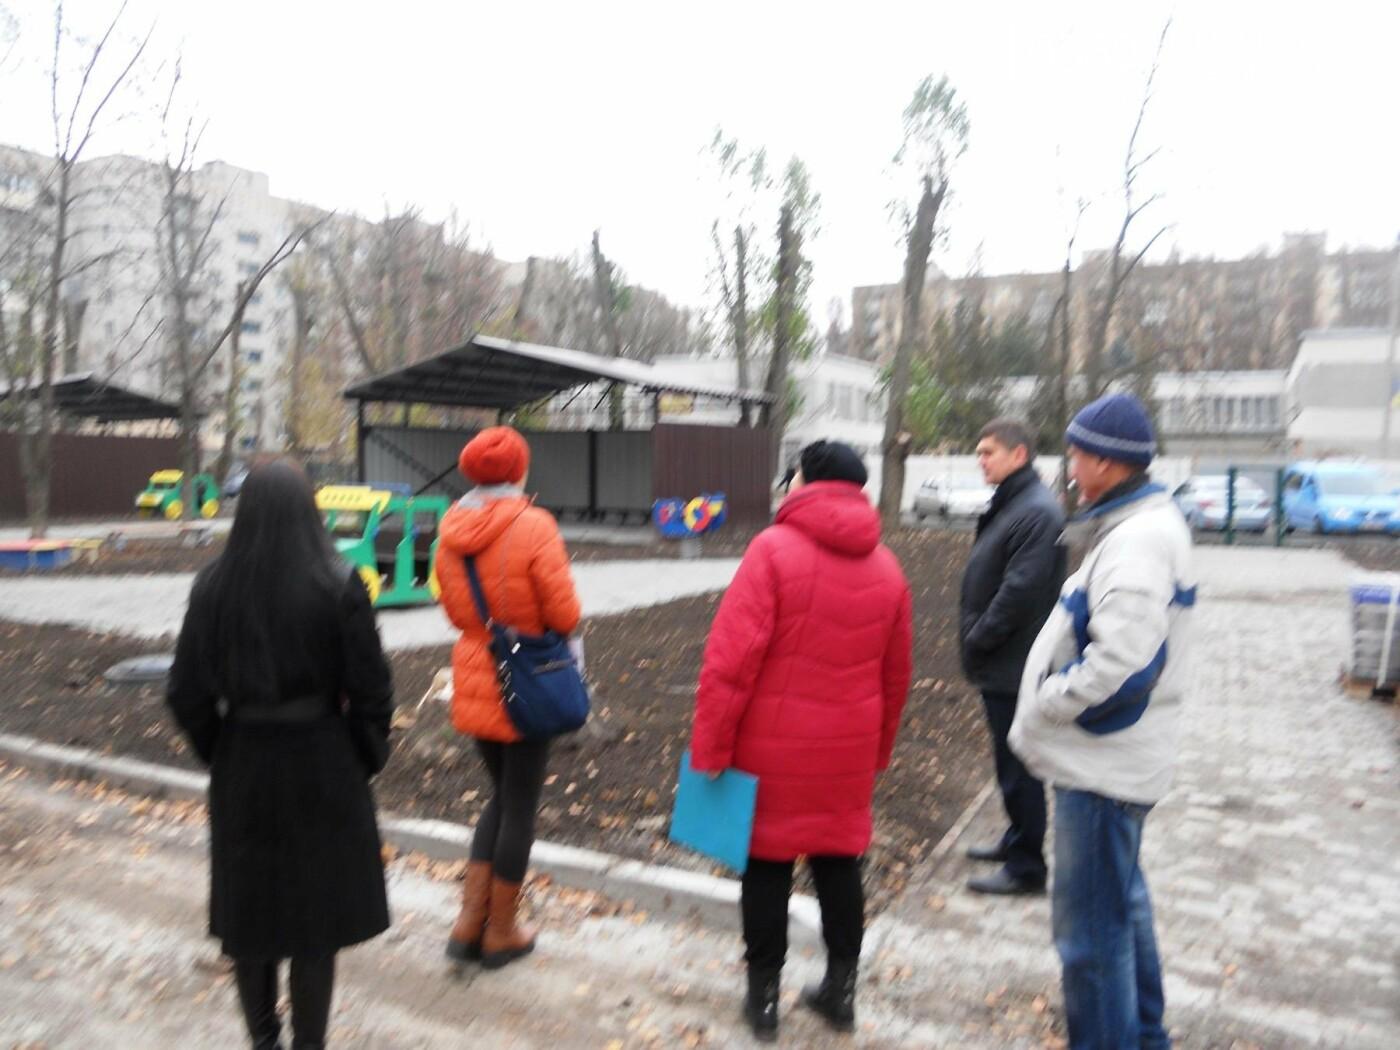 Детсад «Чебурашка» в Новомосковске: реконструкция завершается, а крыша течет, фото-11